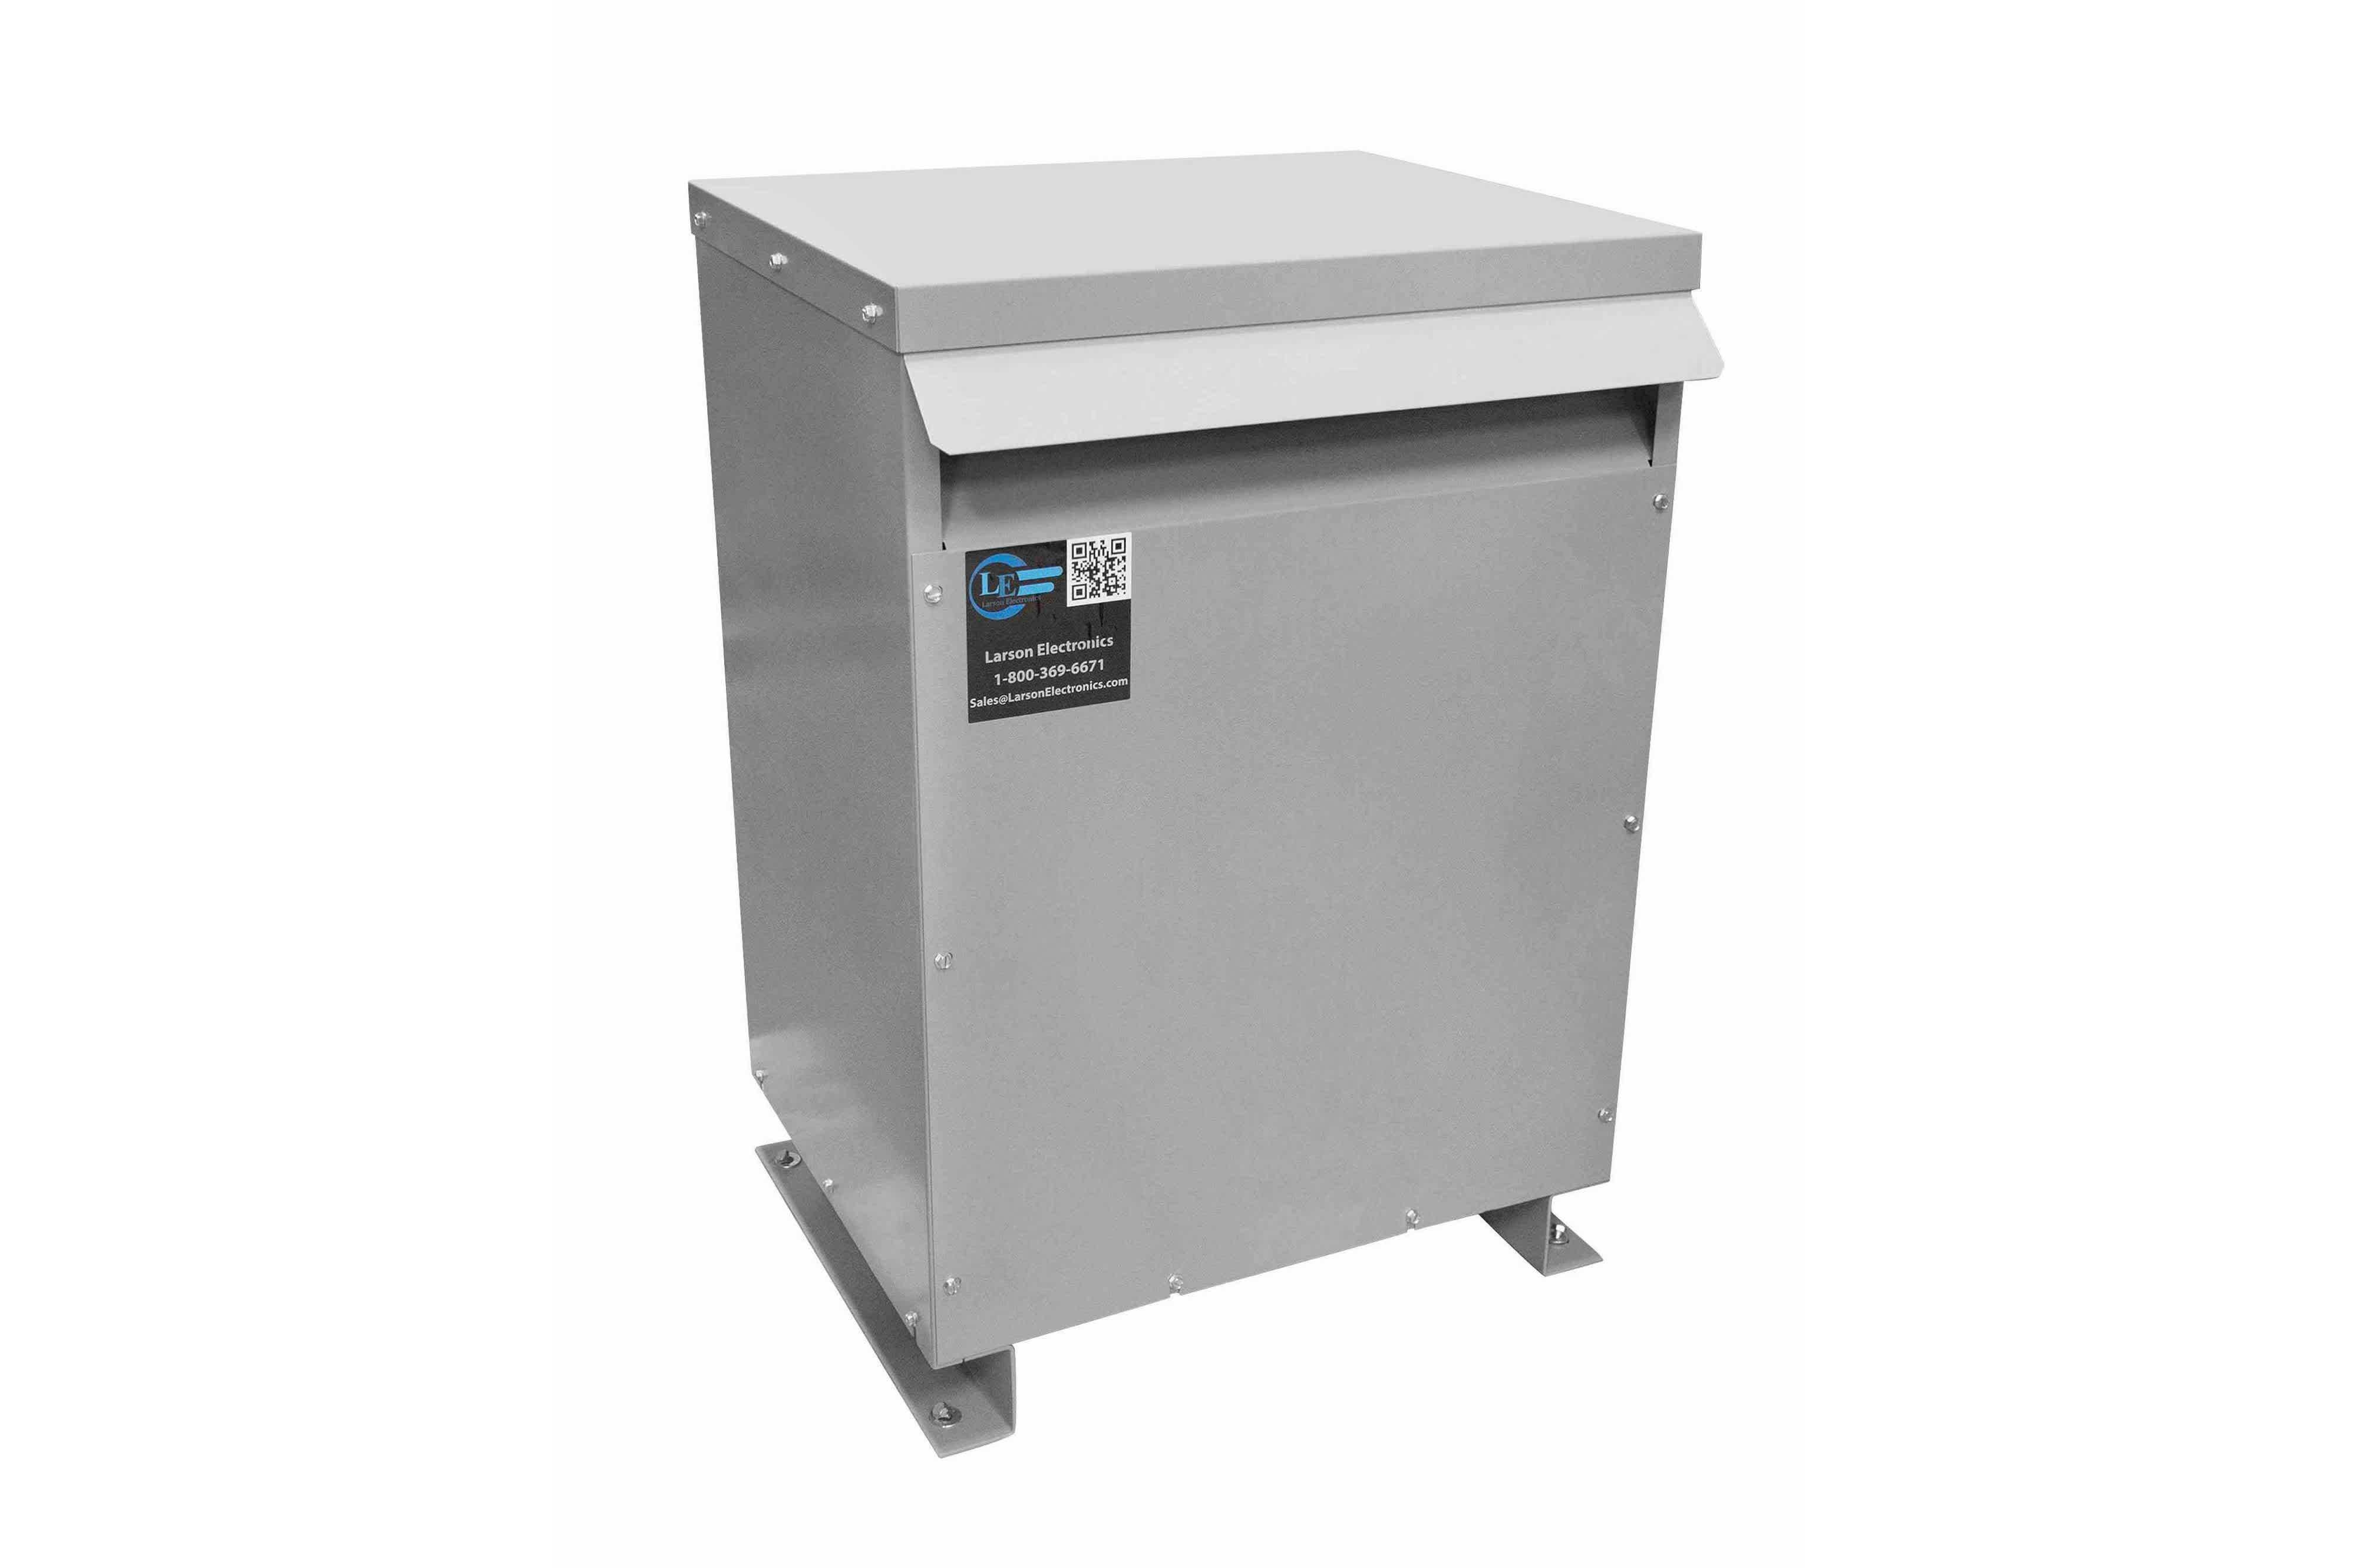 167 kVA 3PH Isolation Transformer, 208V Delta Primary, 380V Delta Secondary, N3R, Ventilated, 60 Hz